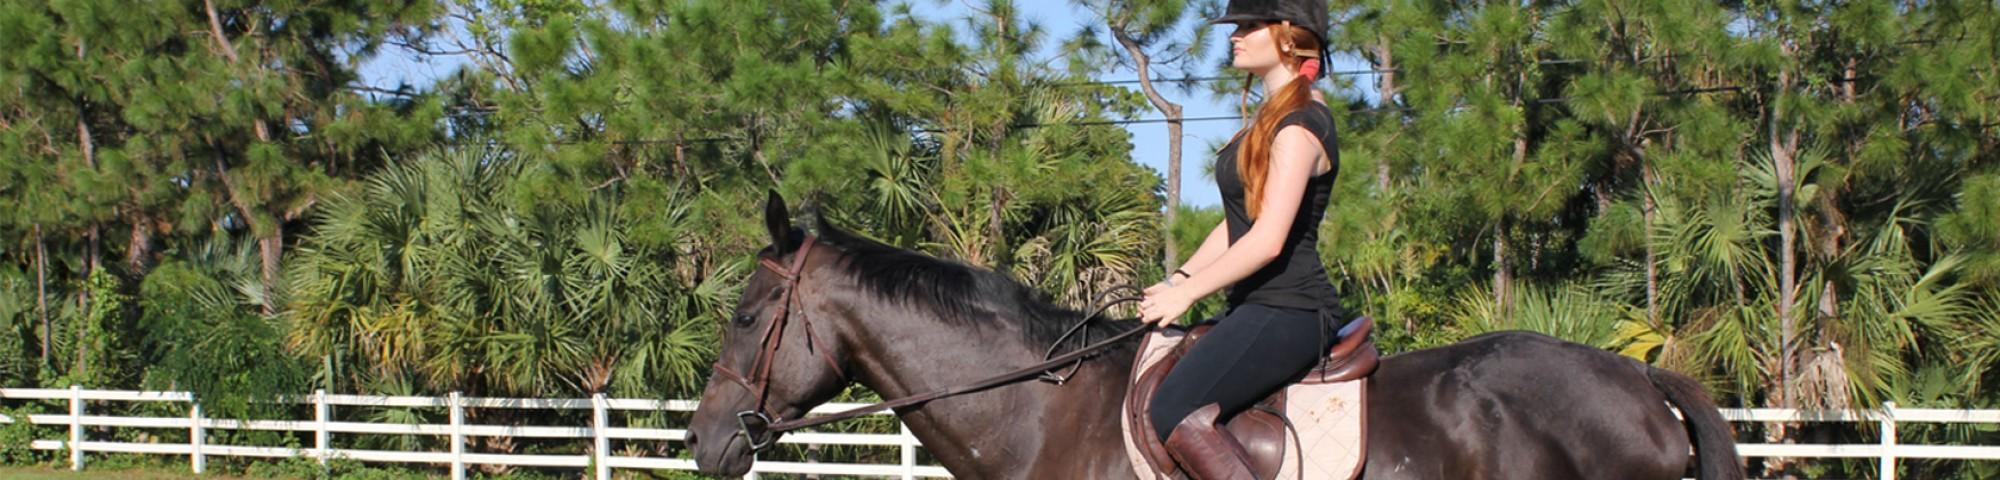 Les meilleures ceintures équestres que chaque cavalier devrait voir post thumbnail image